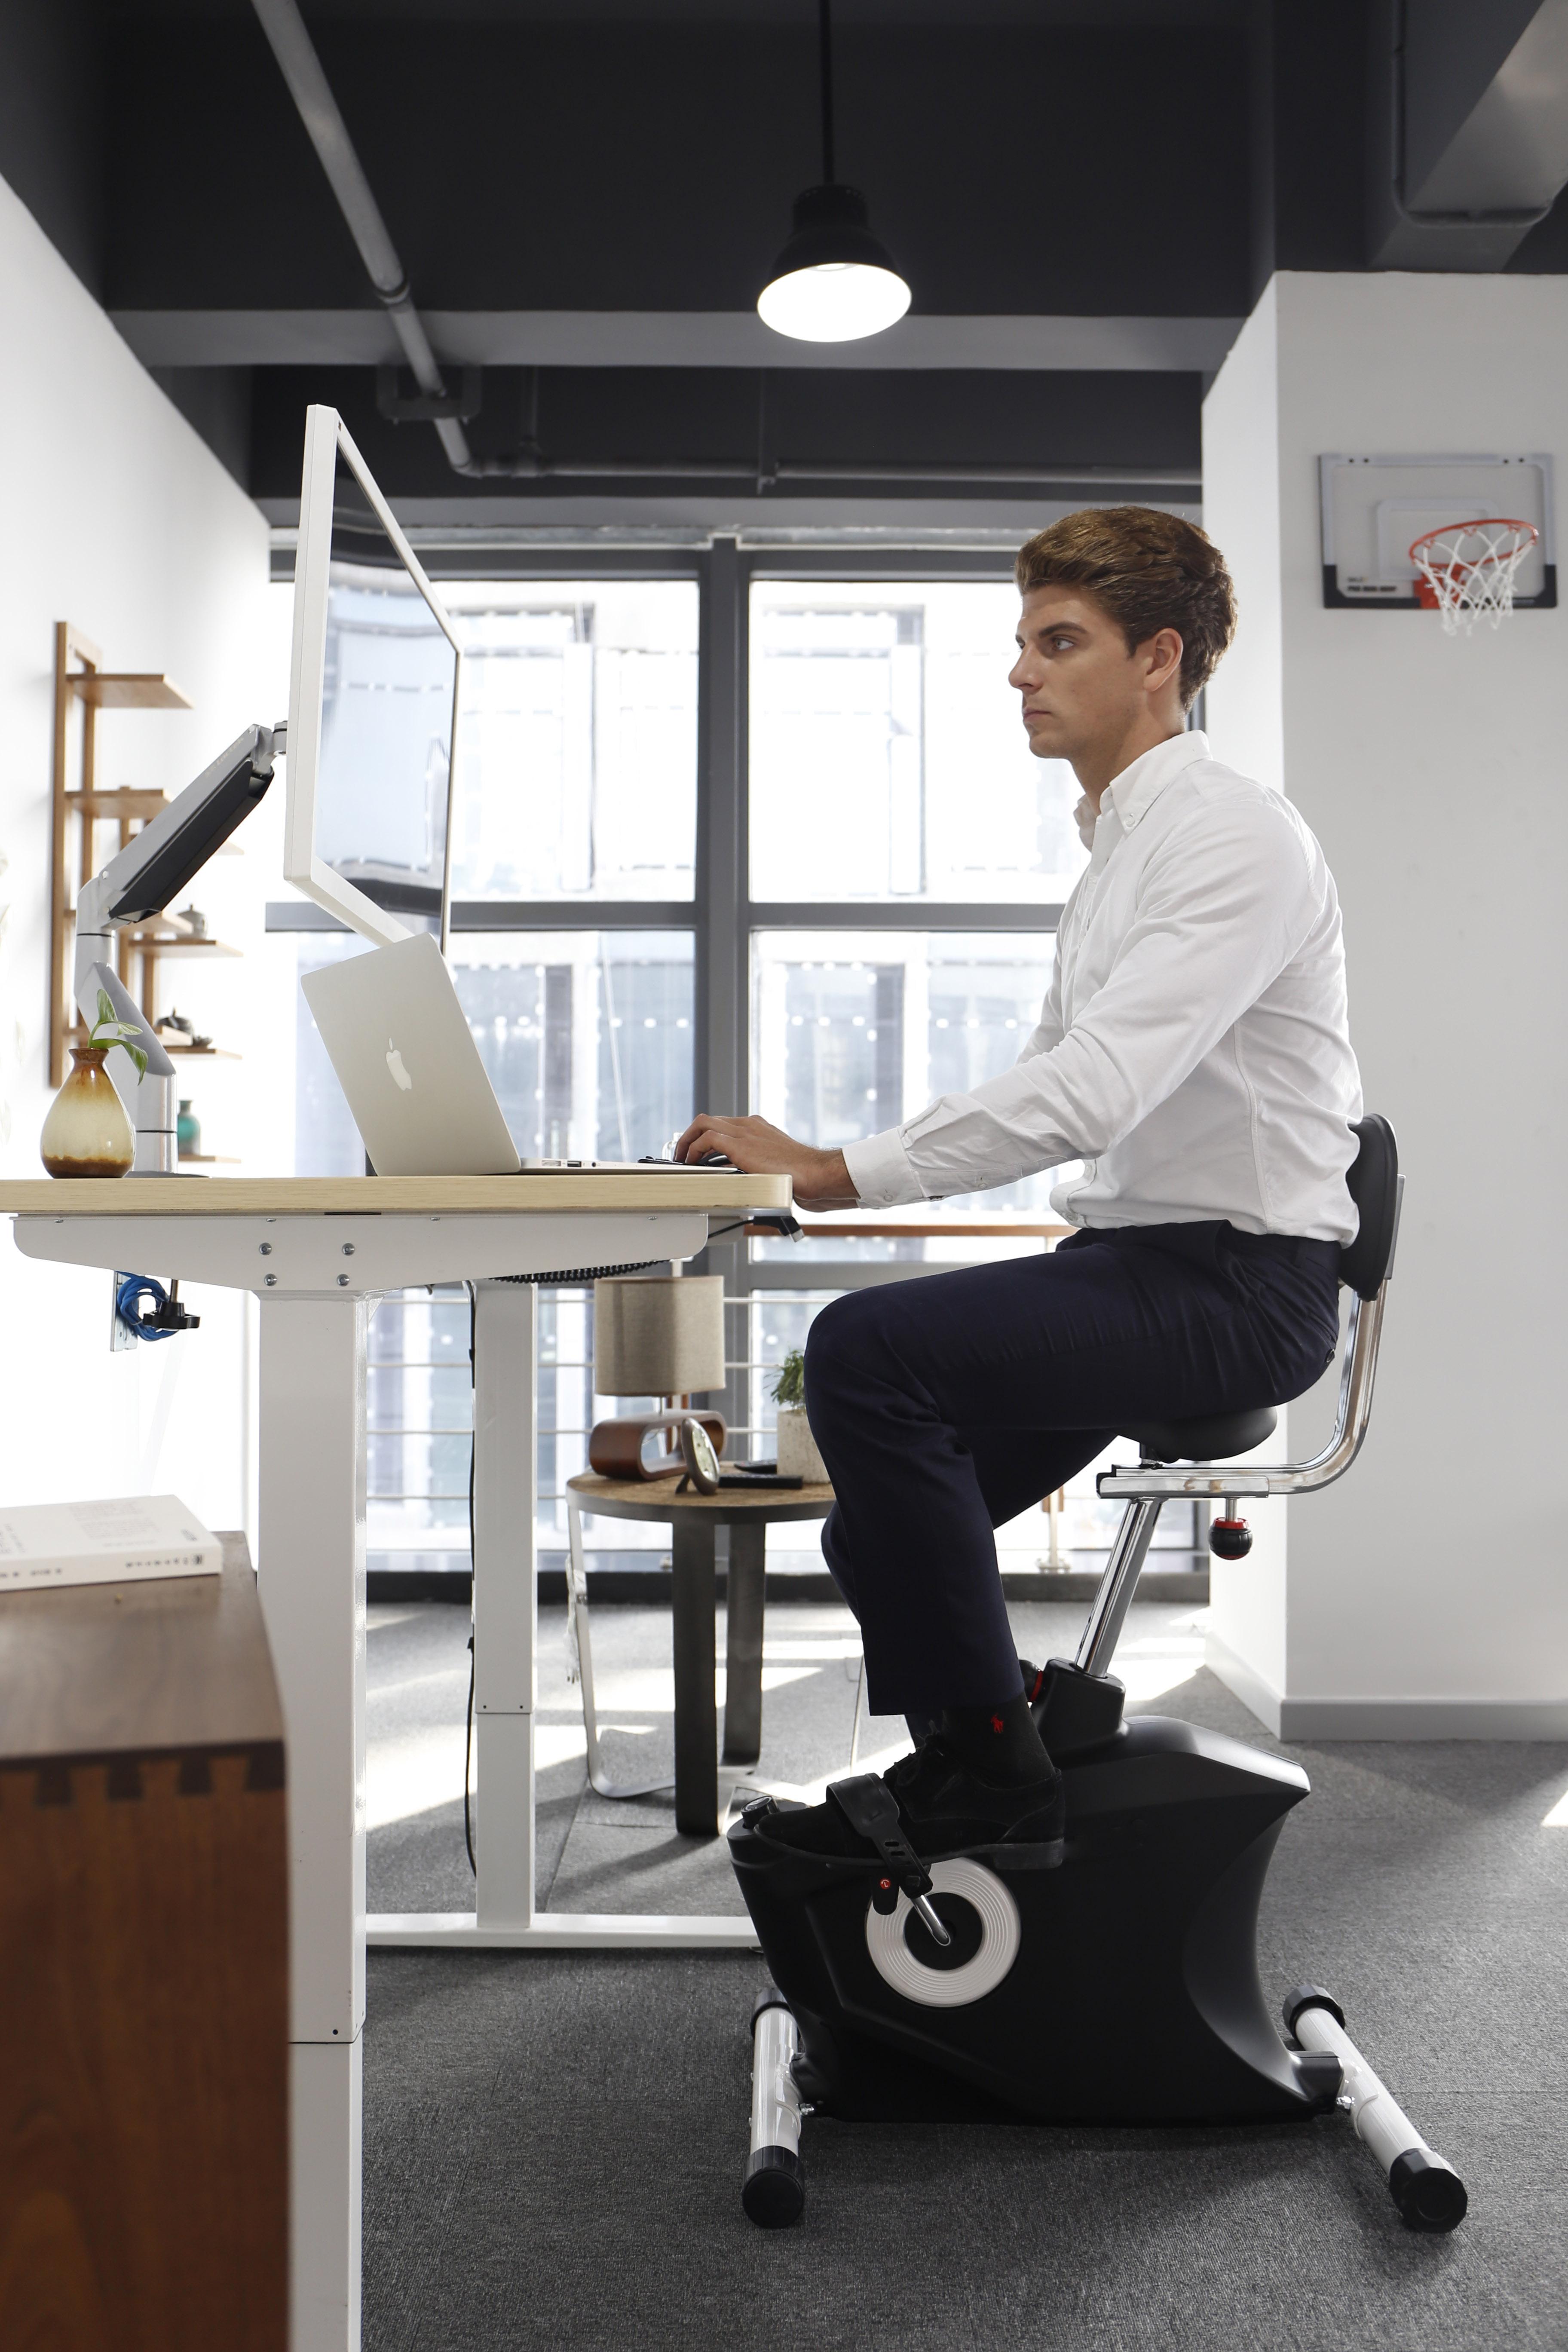 Maandactie Deskbikes